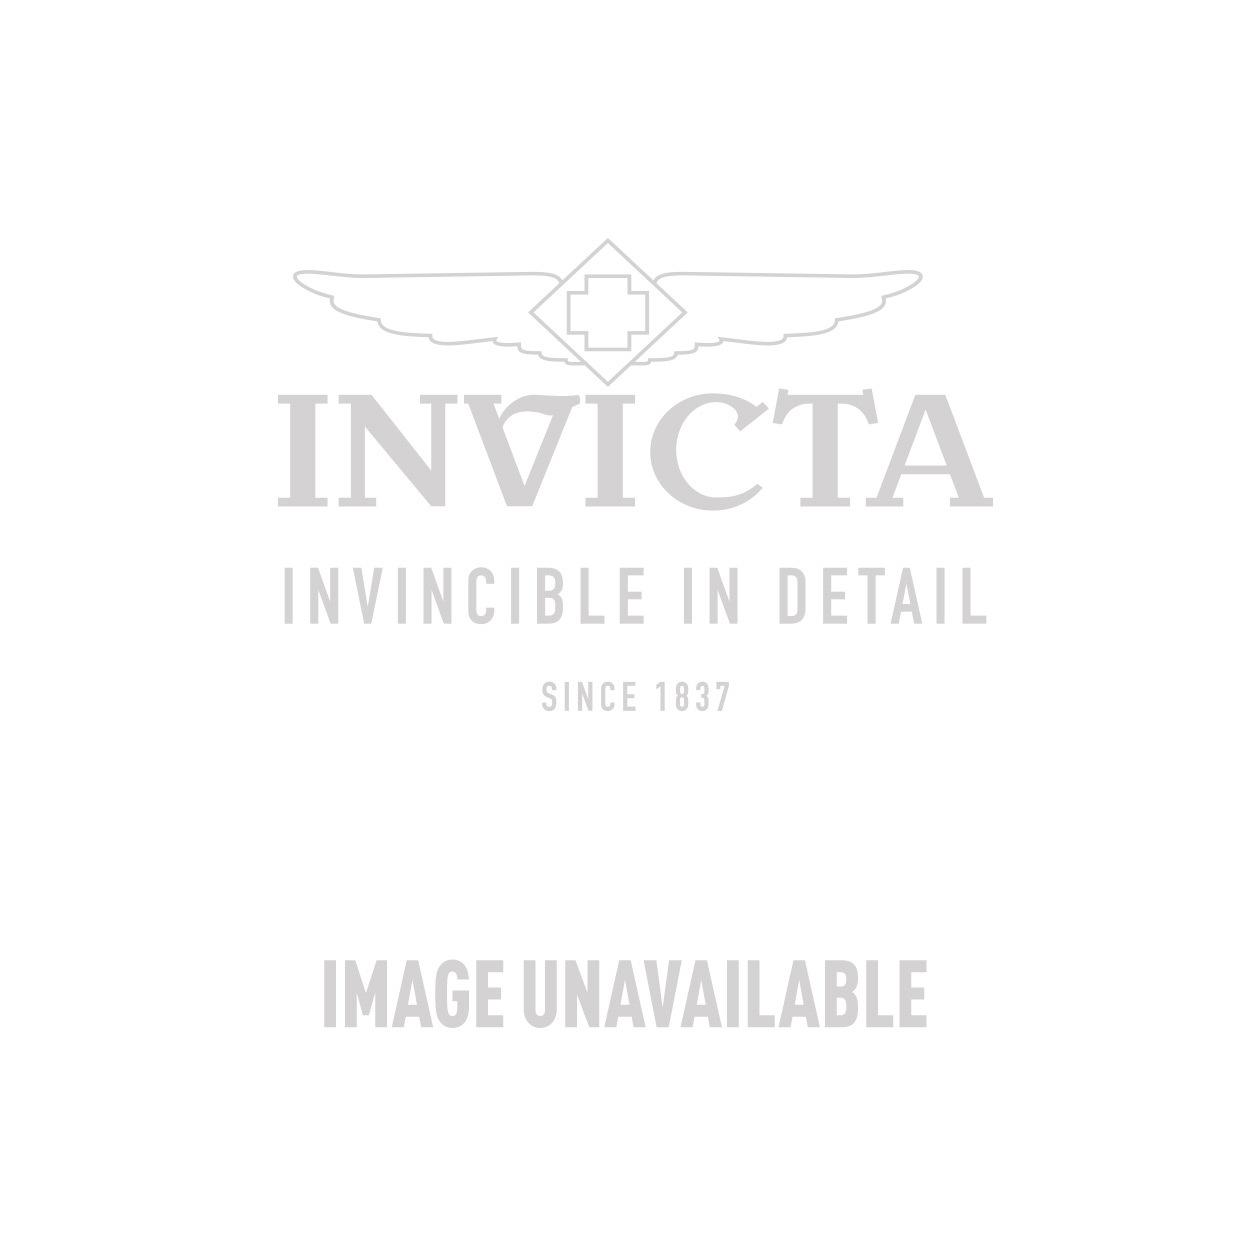 Invicta Model 26924